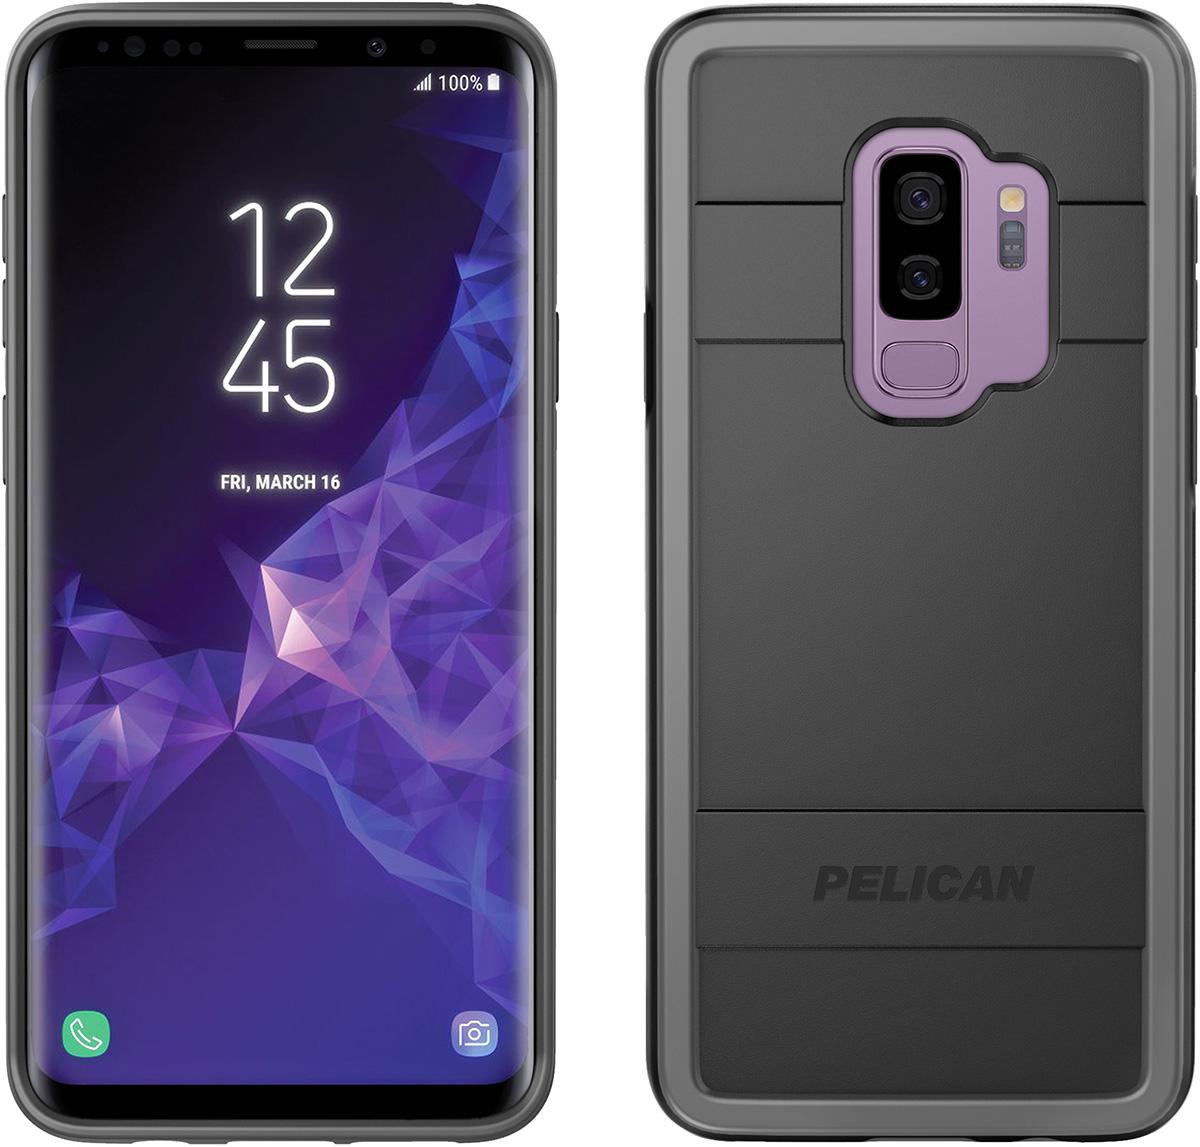 pelican galaxy s9 plus cases protector